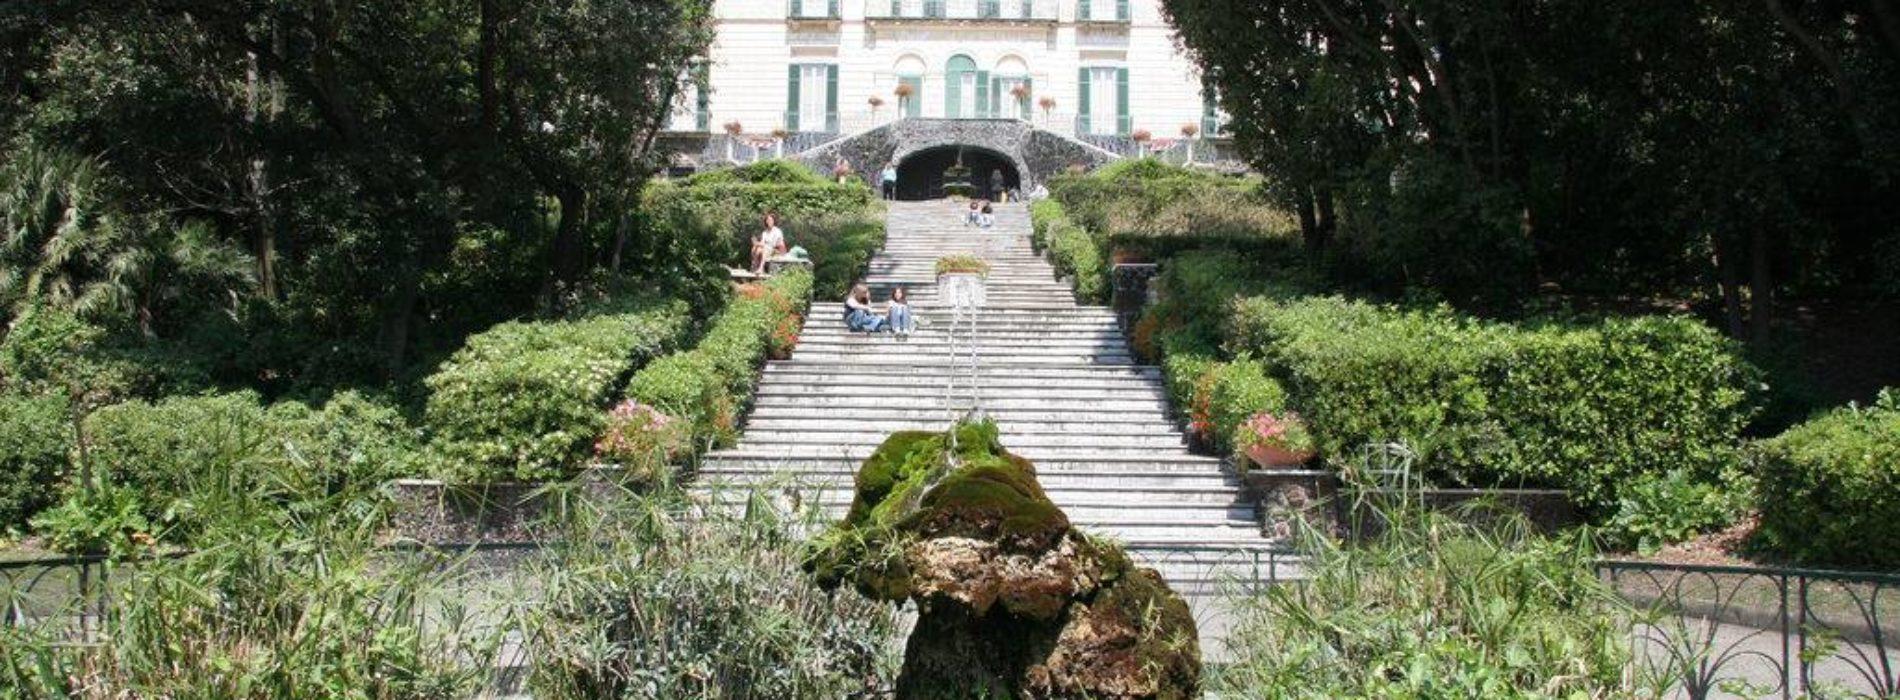 Villa Floridiana: origini e curiosità di uno dei luoghi più celebri di Napoli